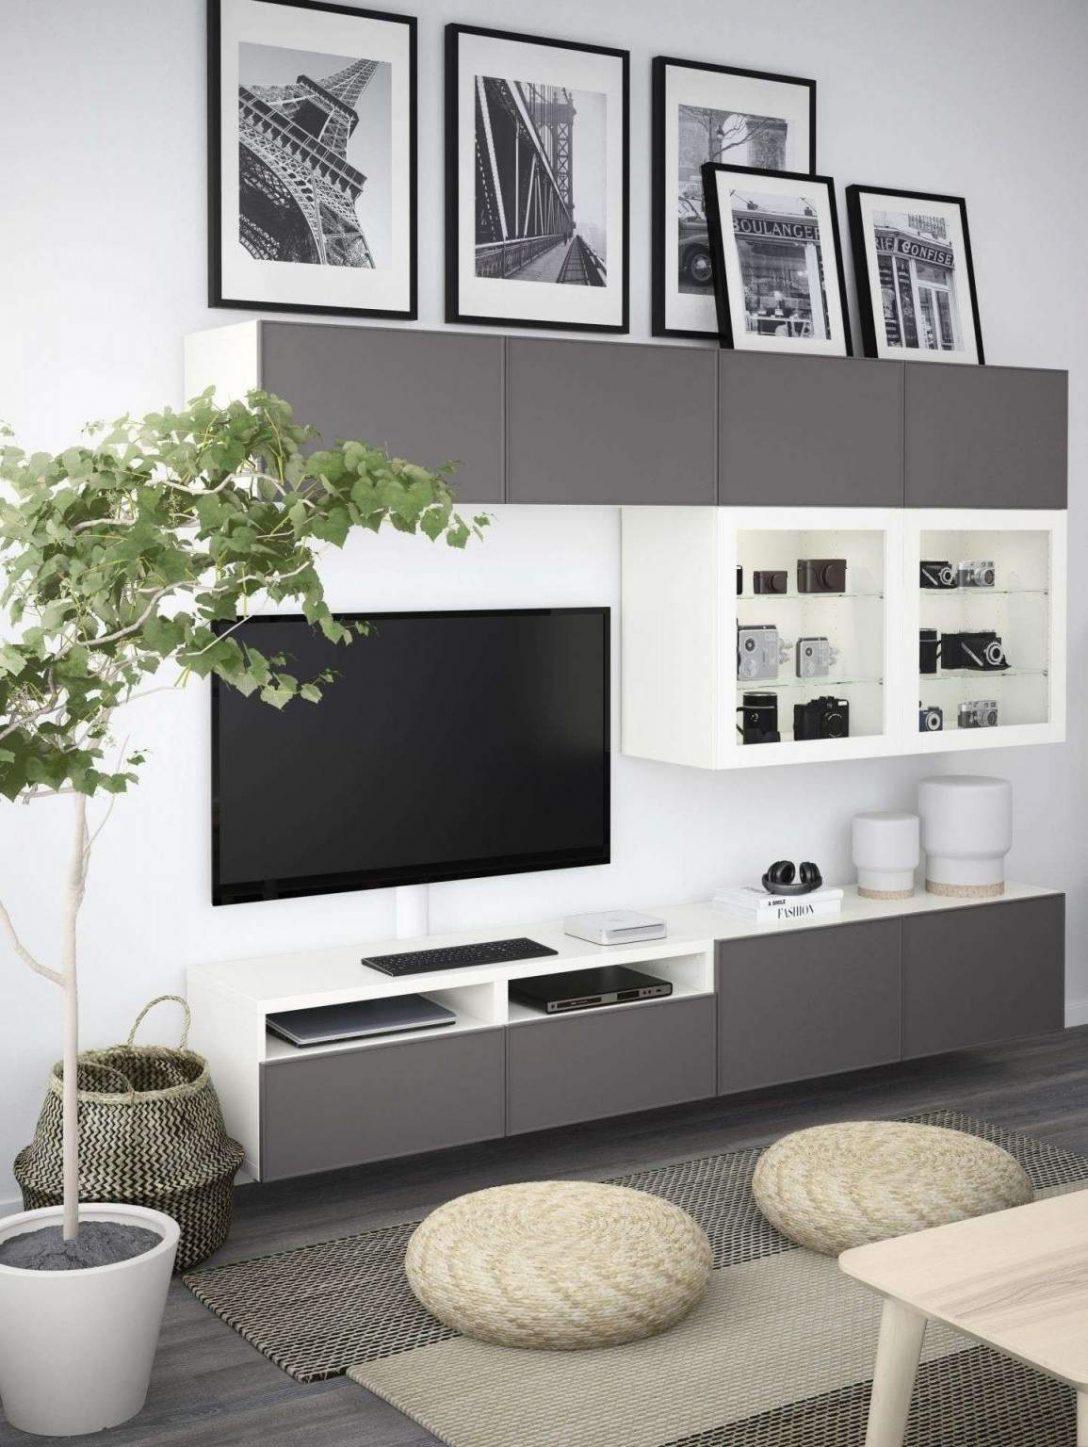 Large Size of Modulküche Ikea Küche Kosten Sofa Mit Schlaffunktion Kaufen Betten Bei 160x200 Miniküche Wohnzimmer Ikea Wohnzimmerschrank